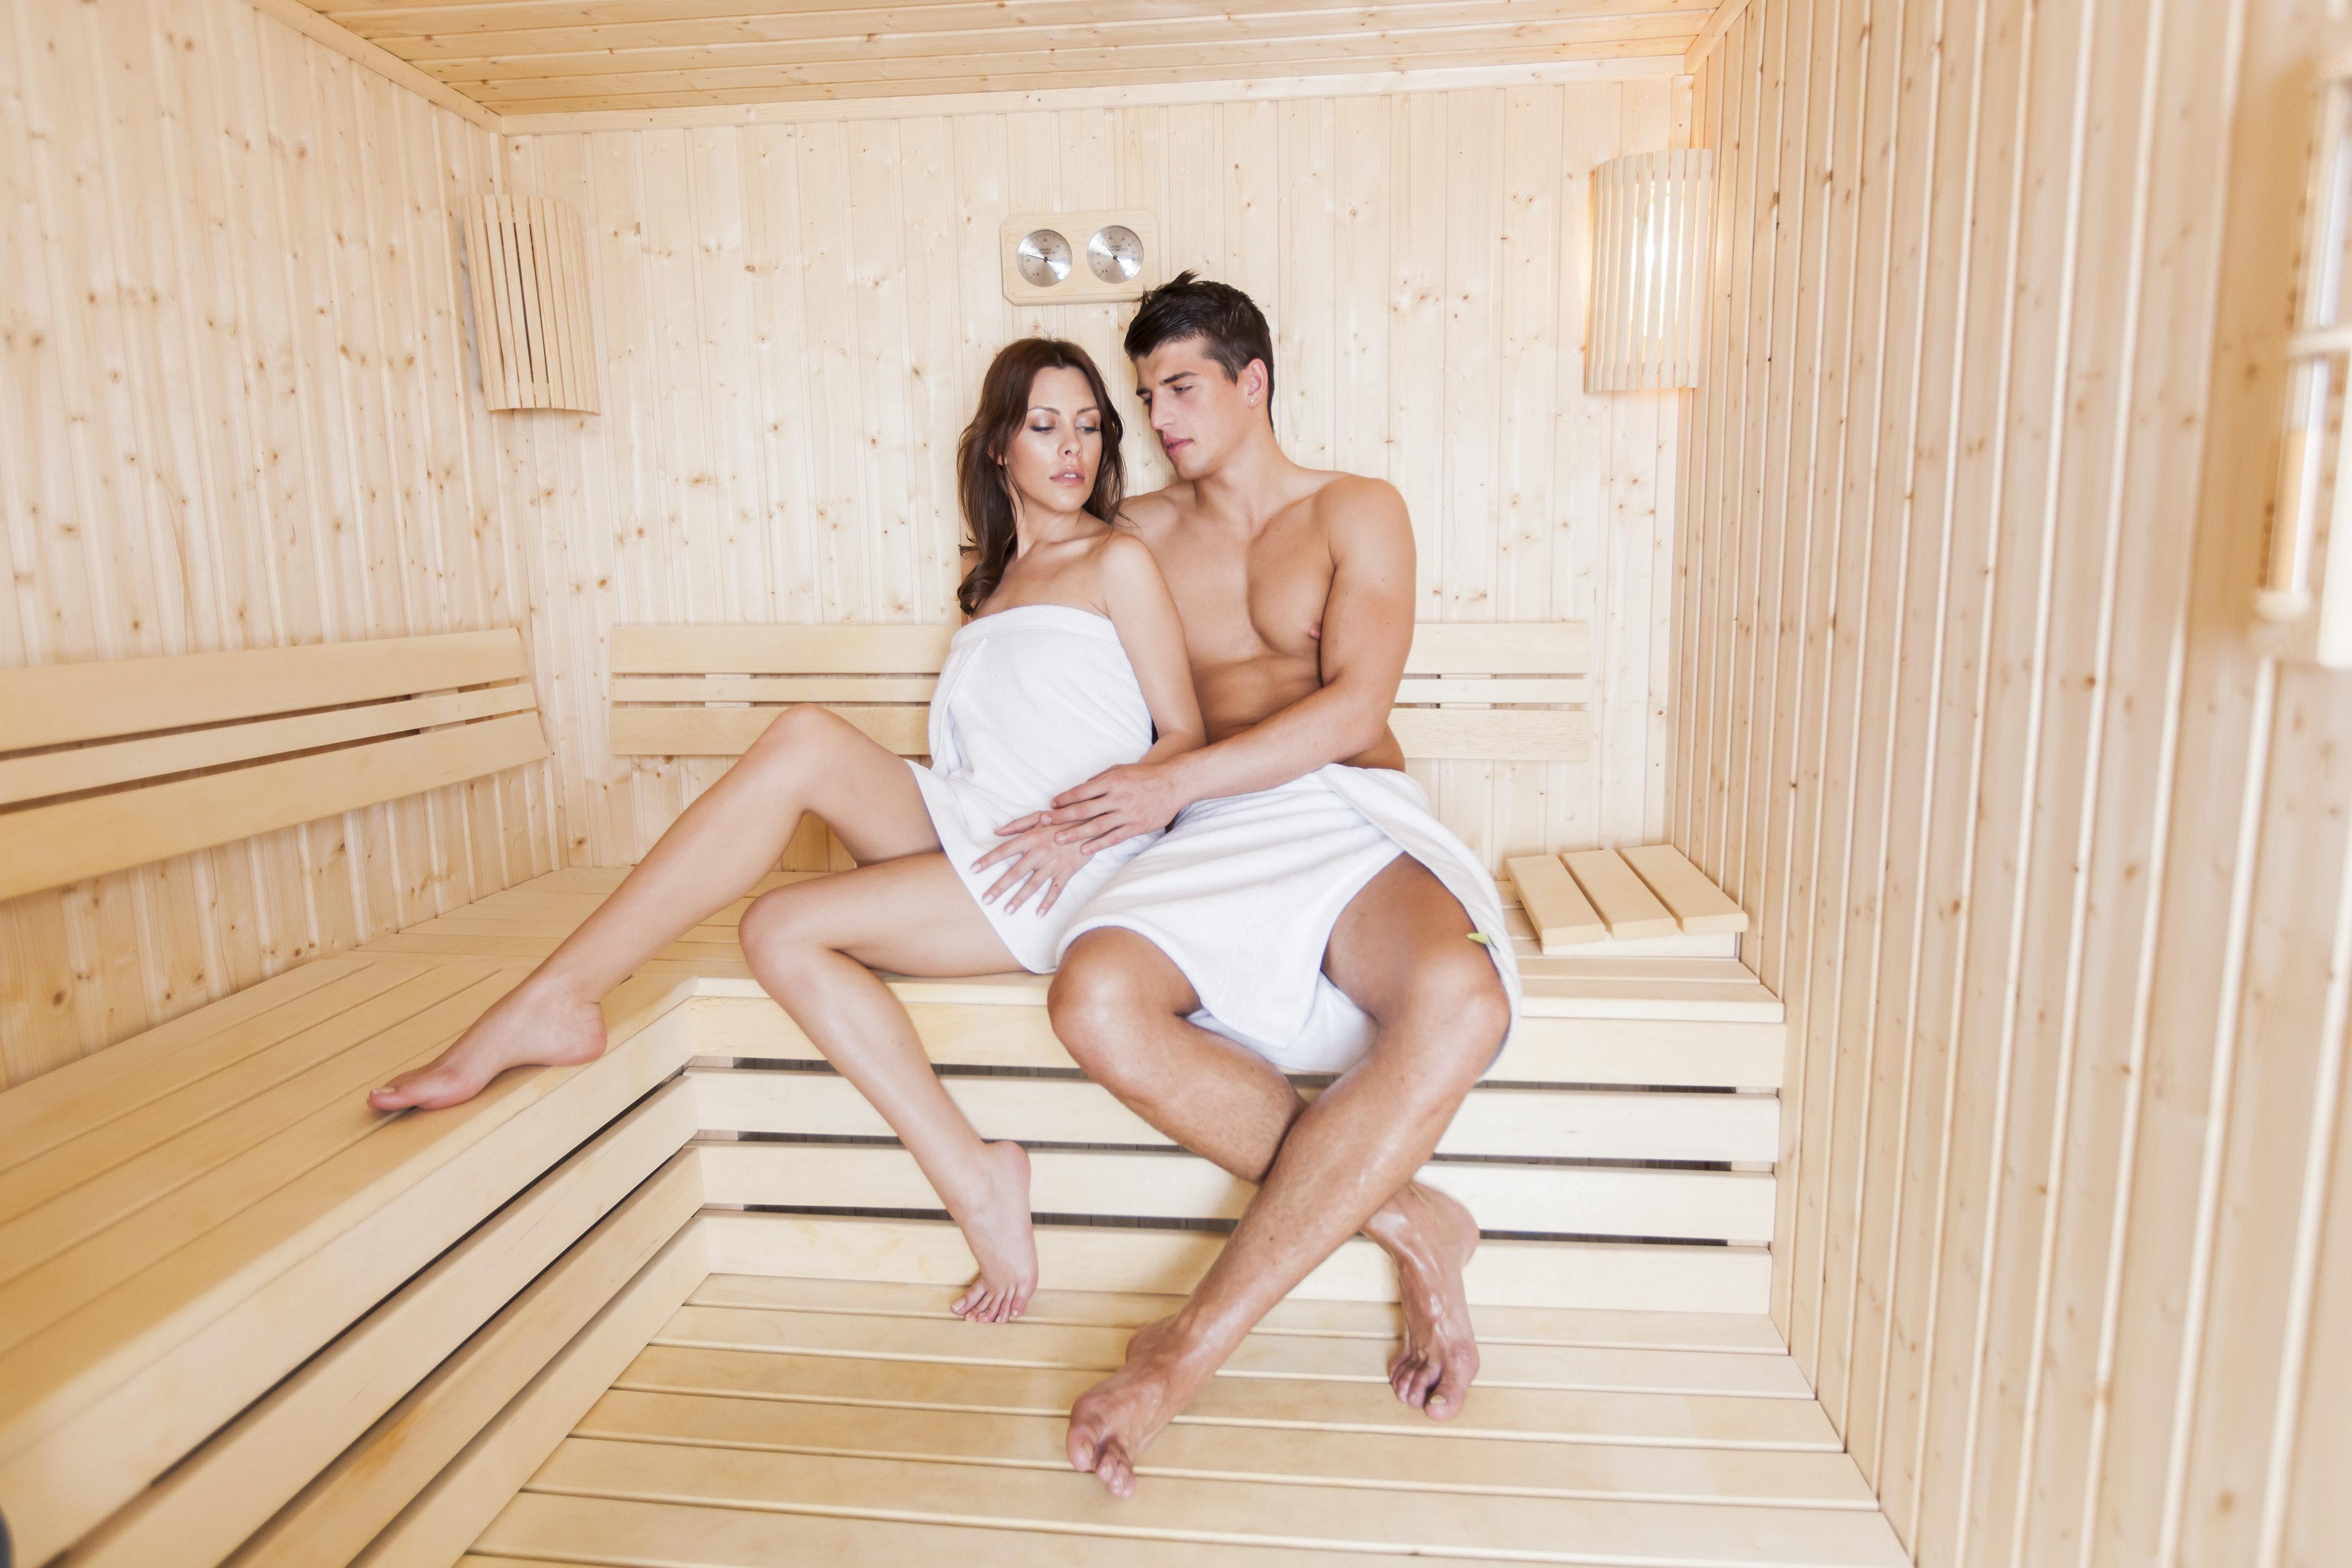 In umkleide dusche der nackt öffentlichkeit männer